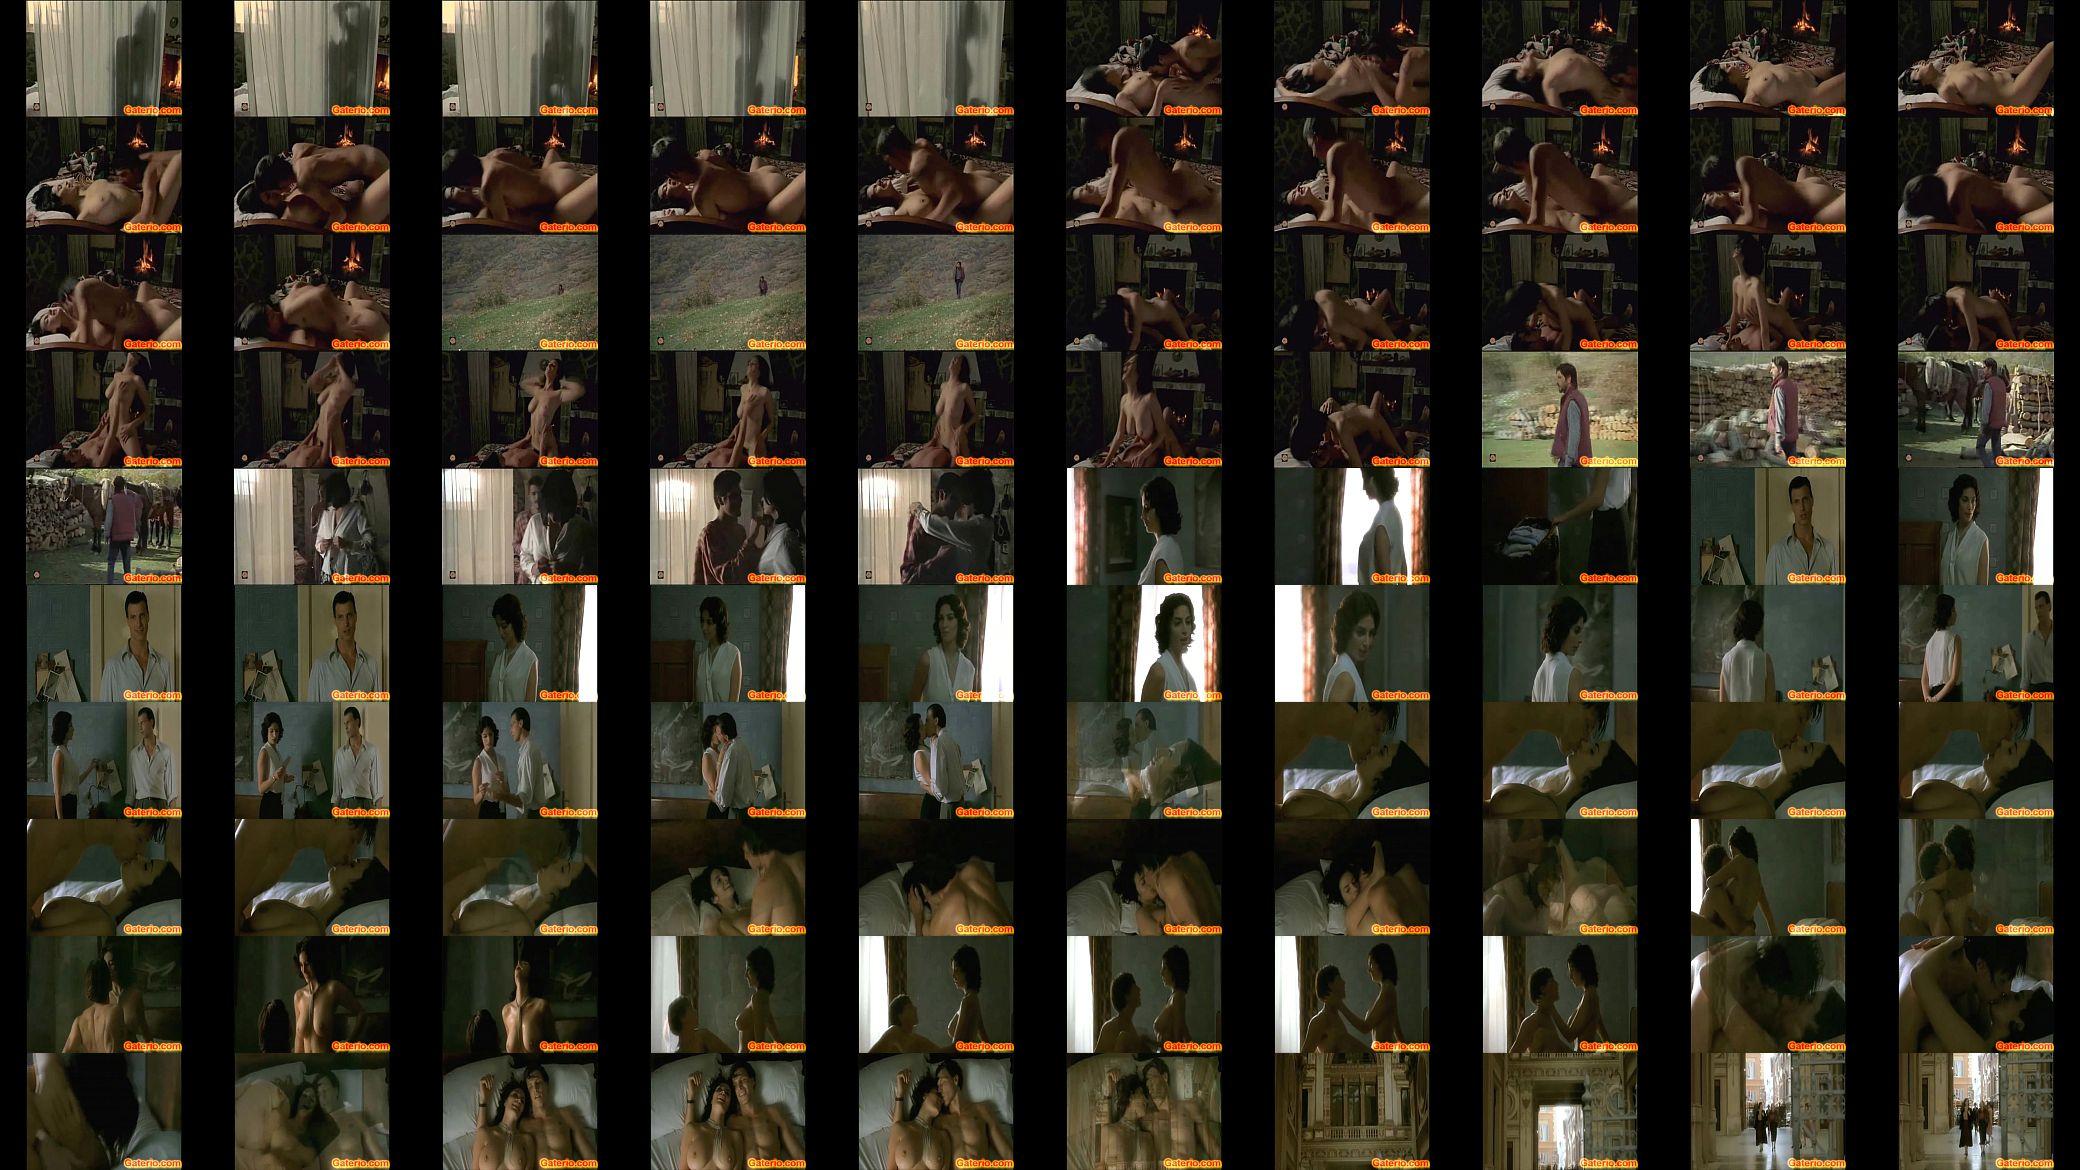 Actriz Porno Española Sonia sonia aquino topless desnuda follando sexy - xnxx